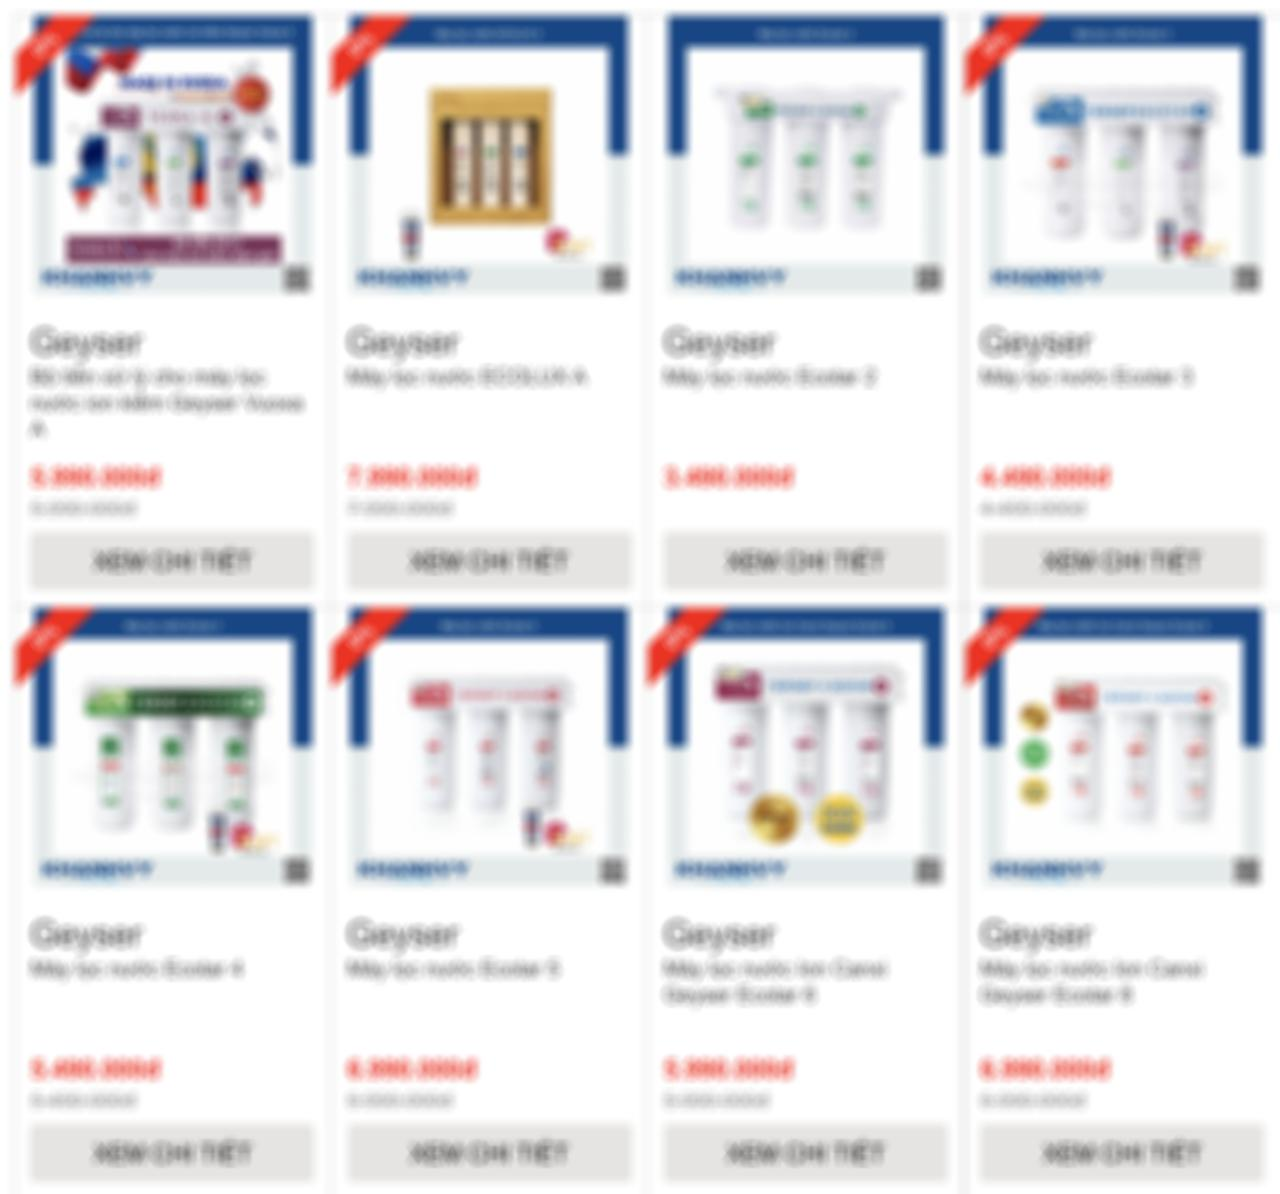 Các sản phẩm có khuyến mãi sẽ được tạo thành 1 nhóm theo nhãn tùy chỉnh, được đẩy thẳng lên Merchant Center để chạy ads.